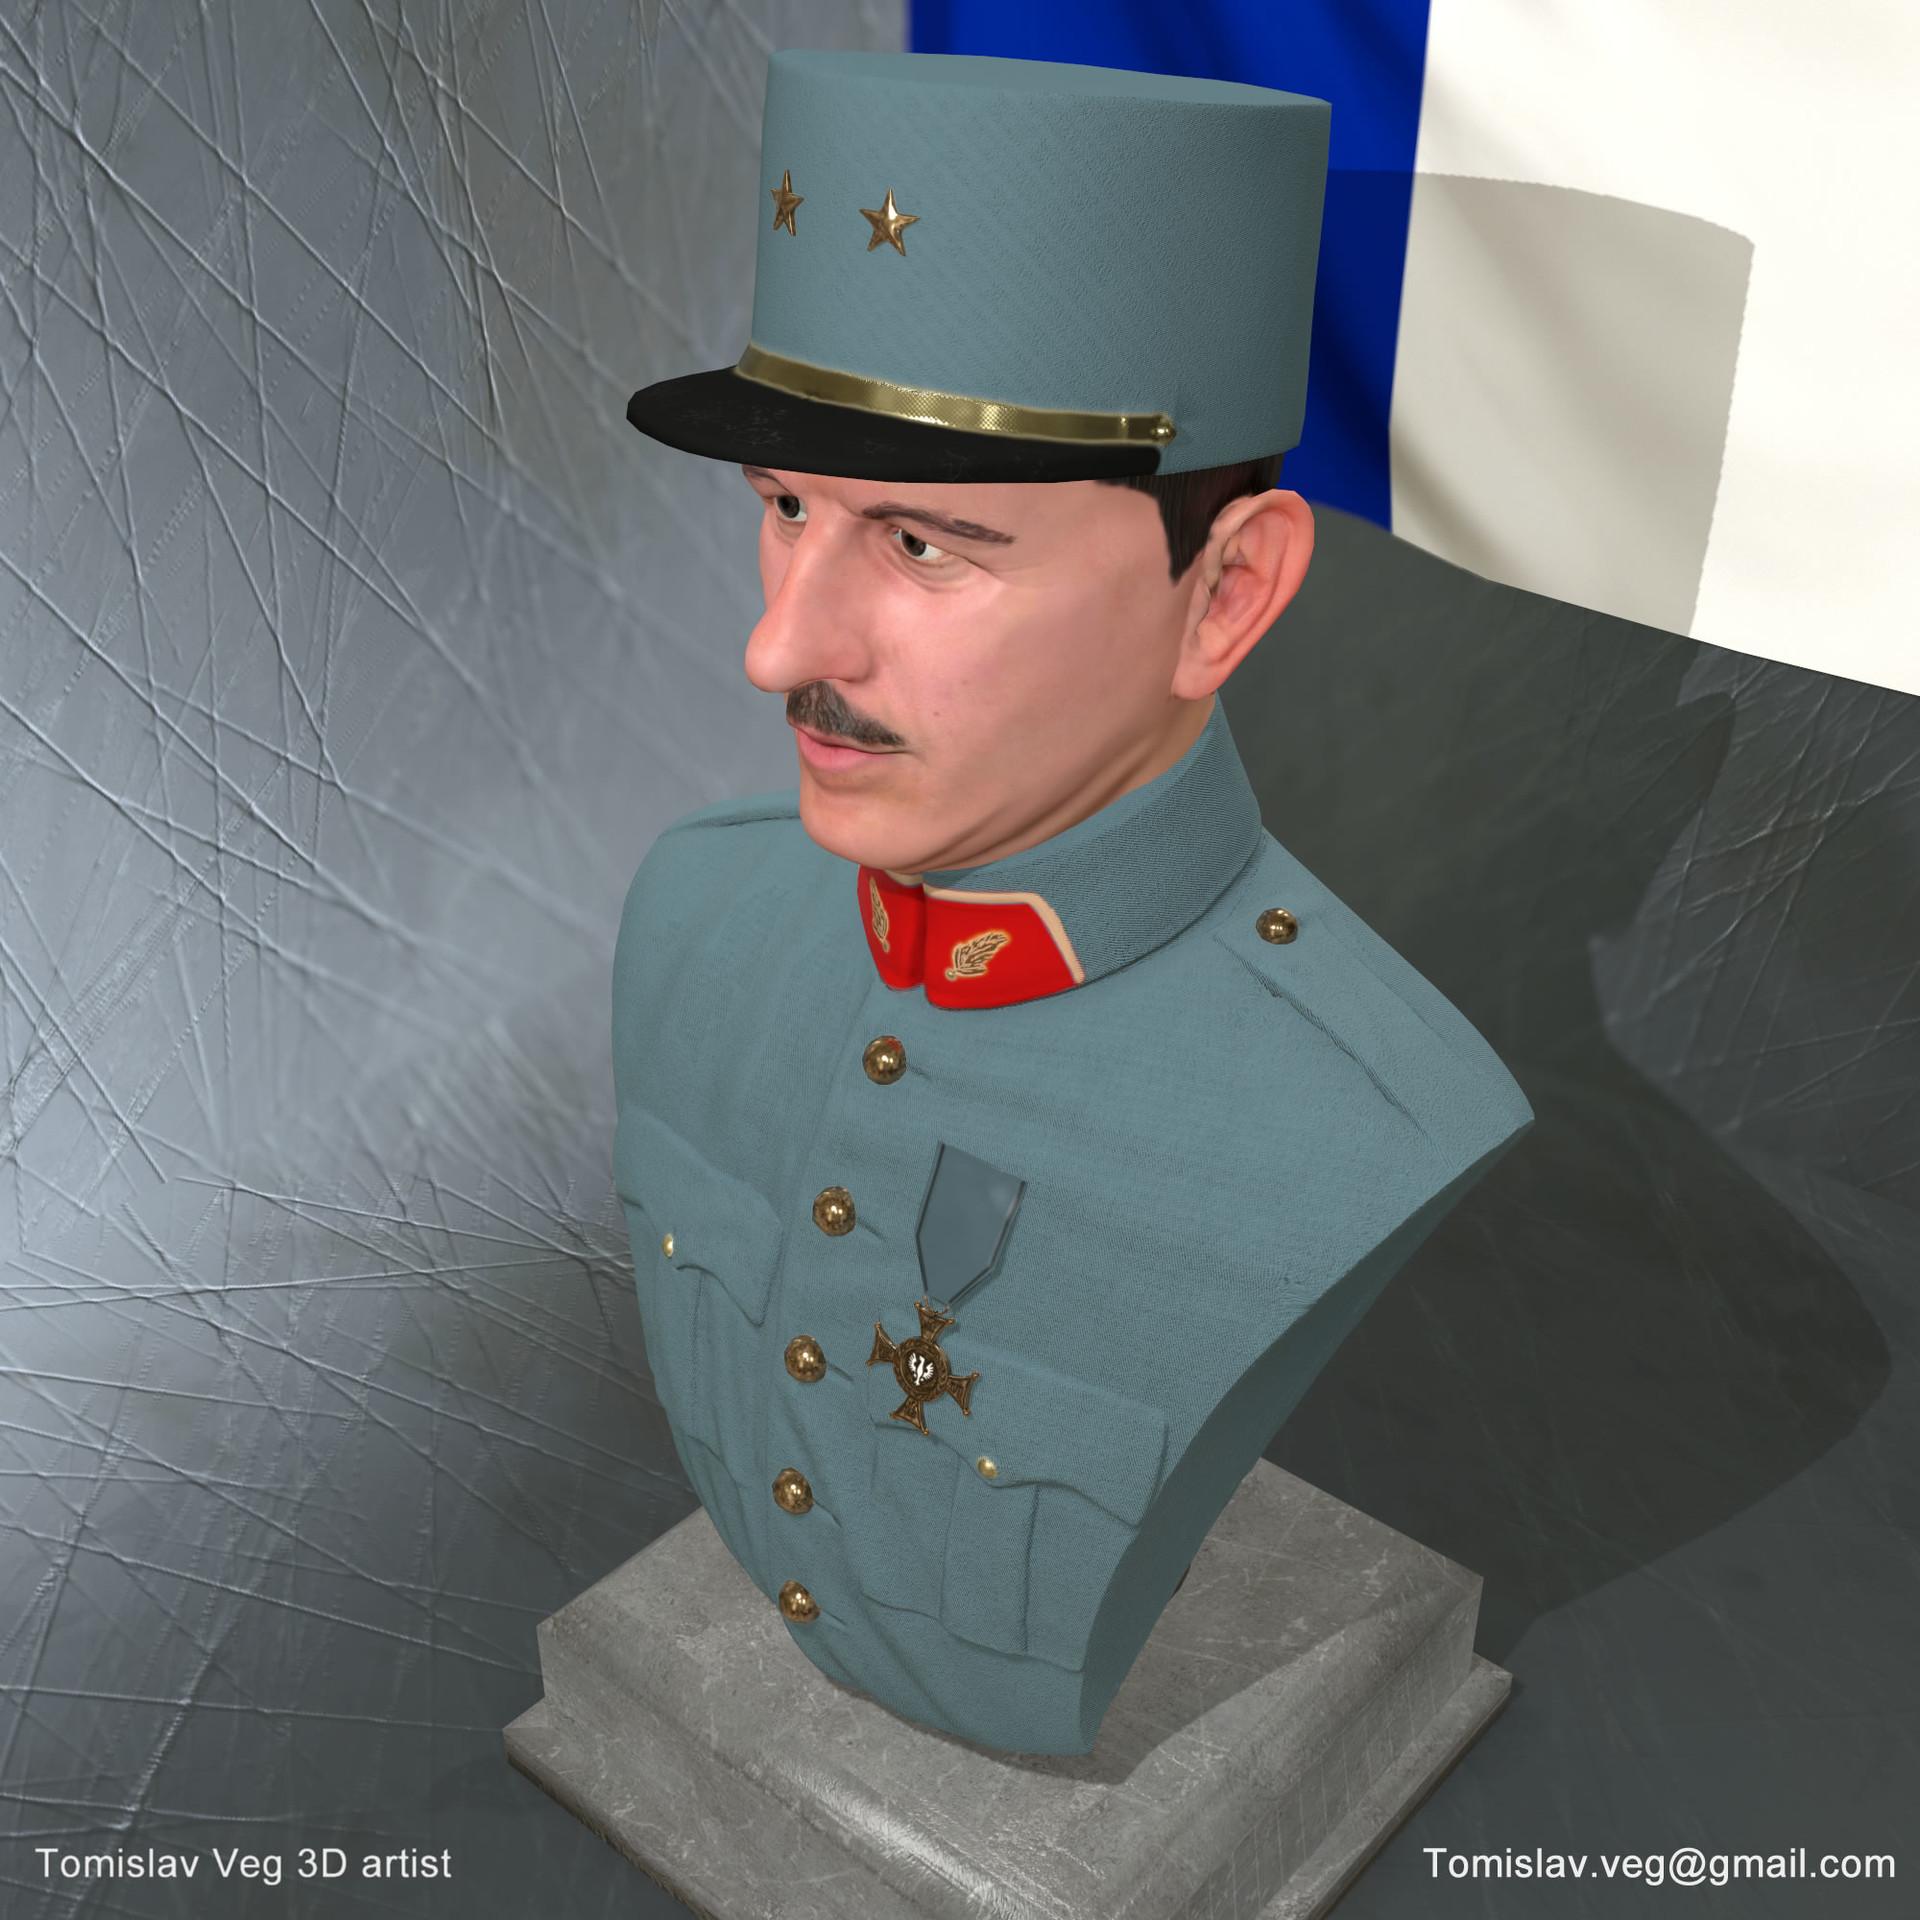 Tomislav veg 3